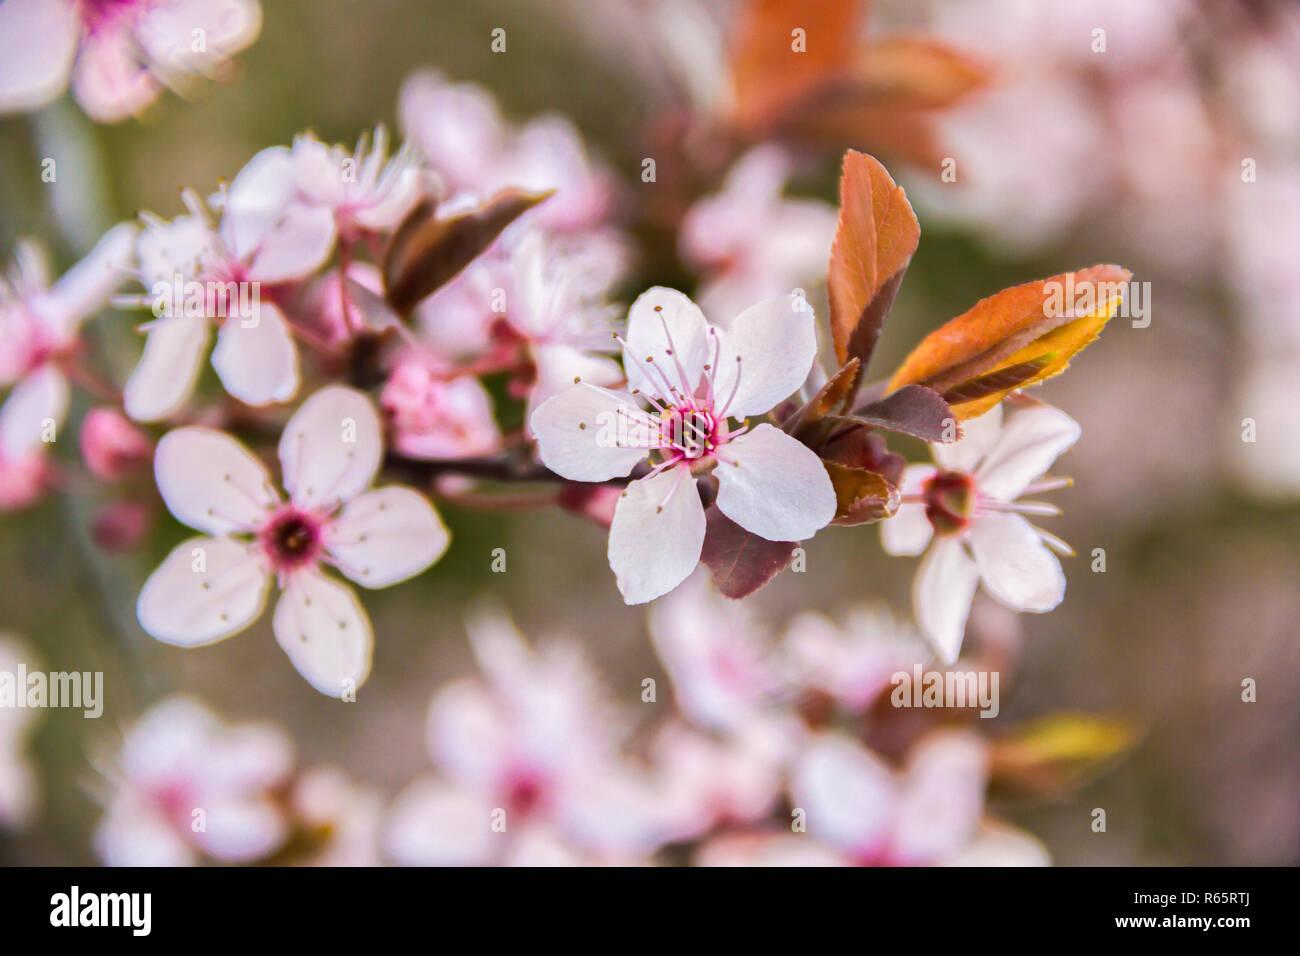 Frühling Kirschblüten auf einem Zweig rosa Blüten, auf grüner natürliche oder Himmel Hintergrund Stockfoto